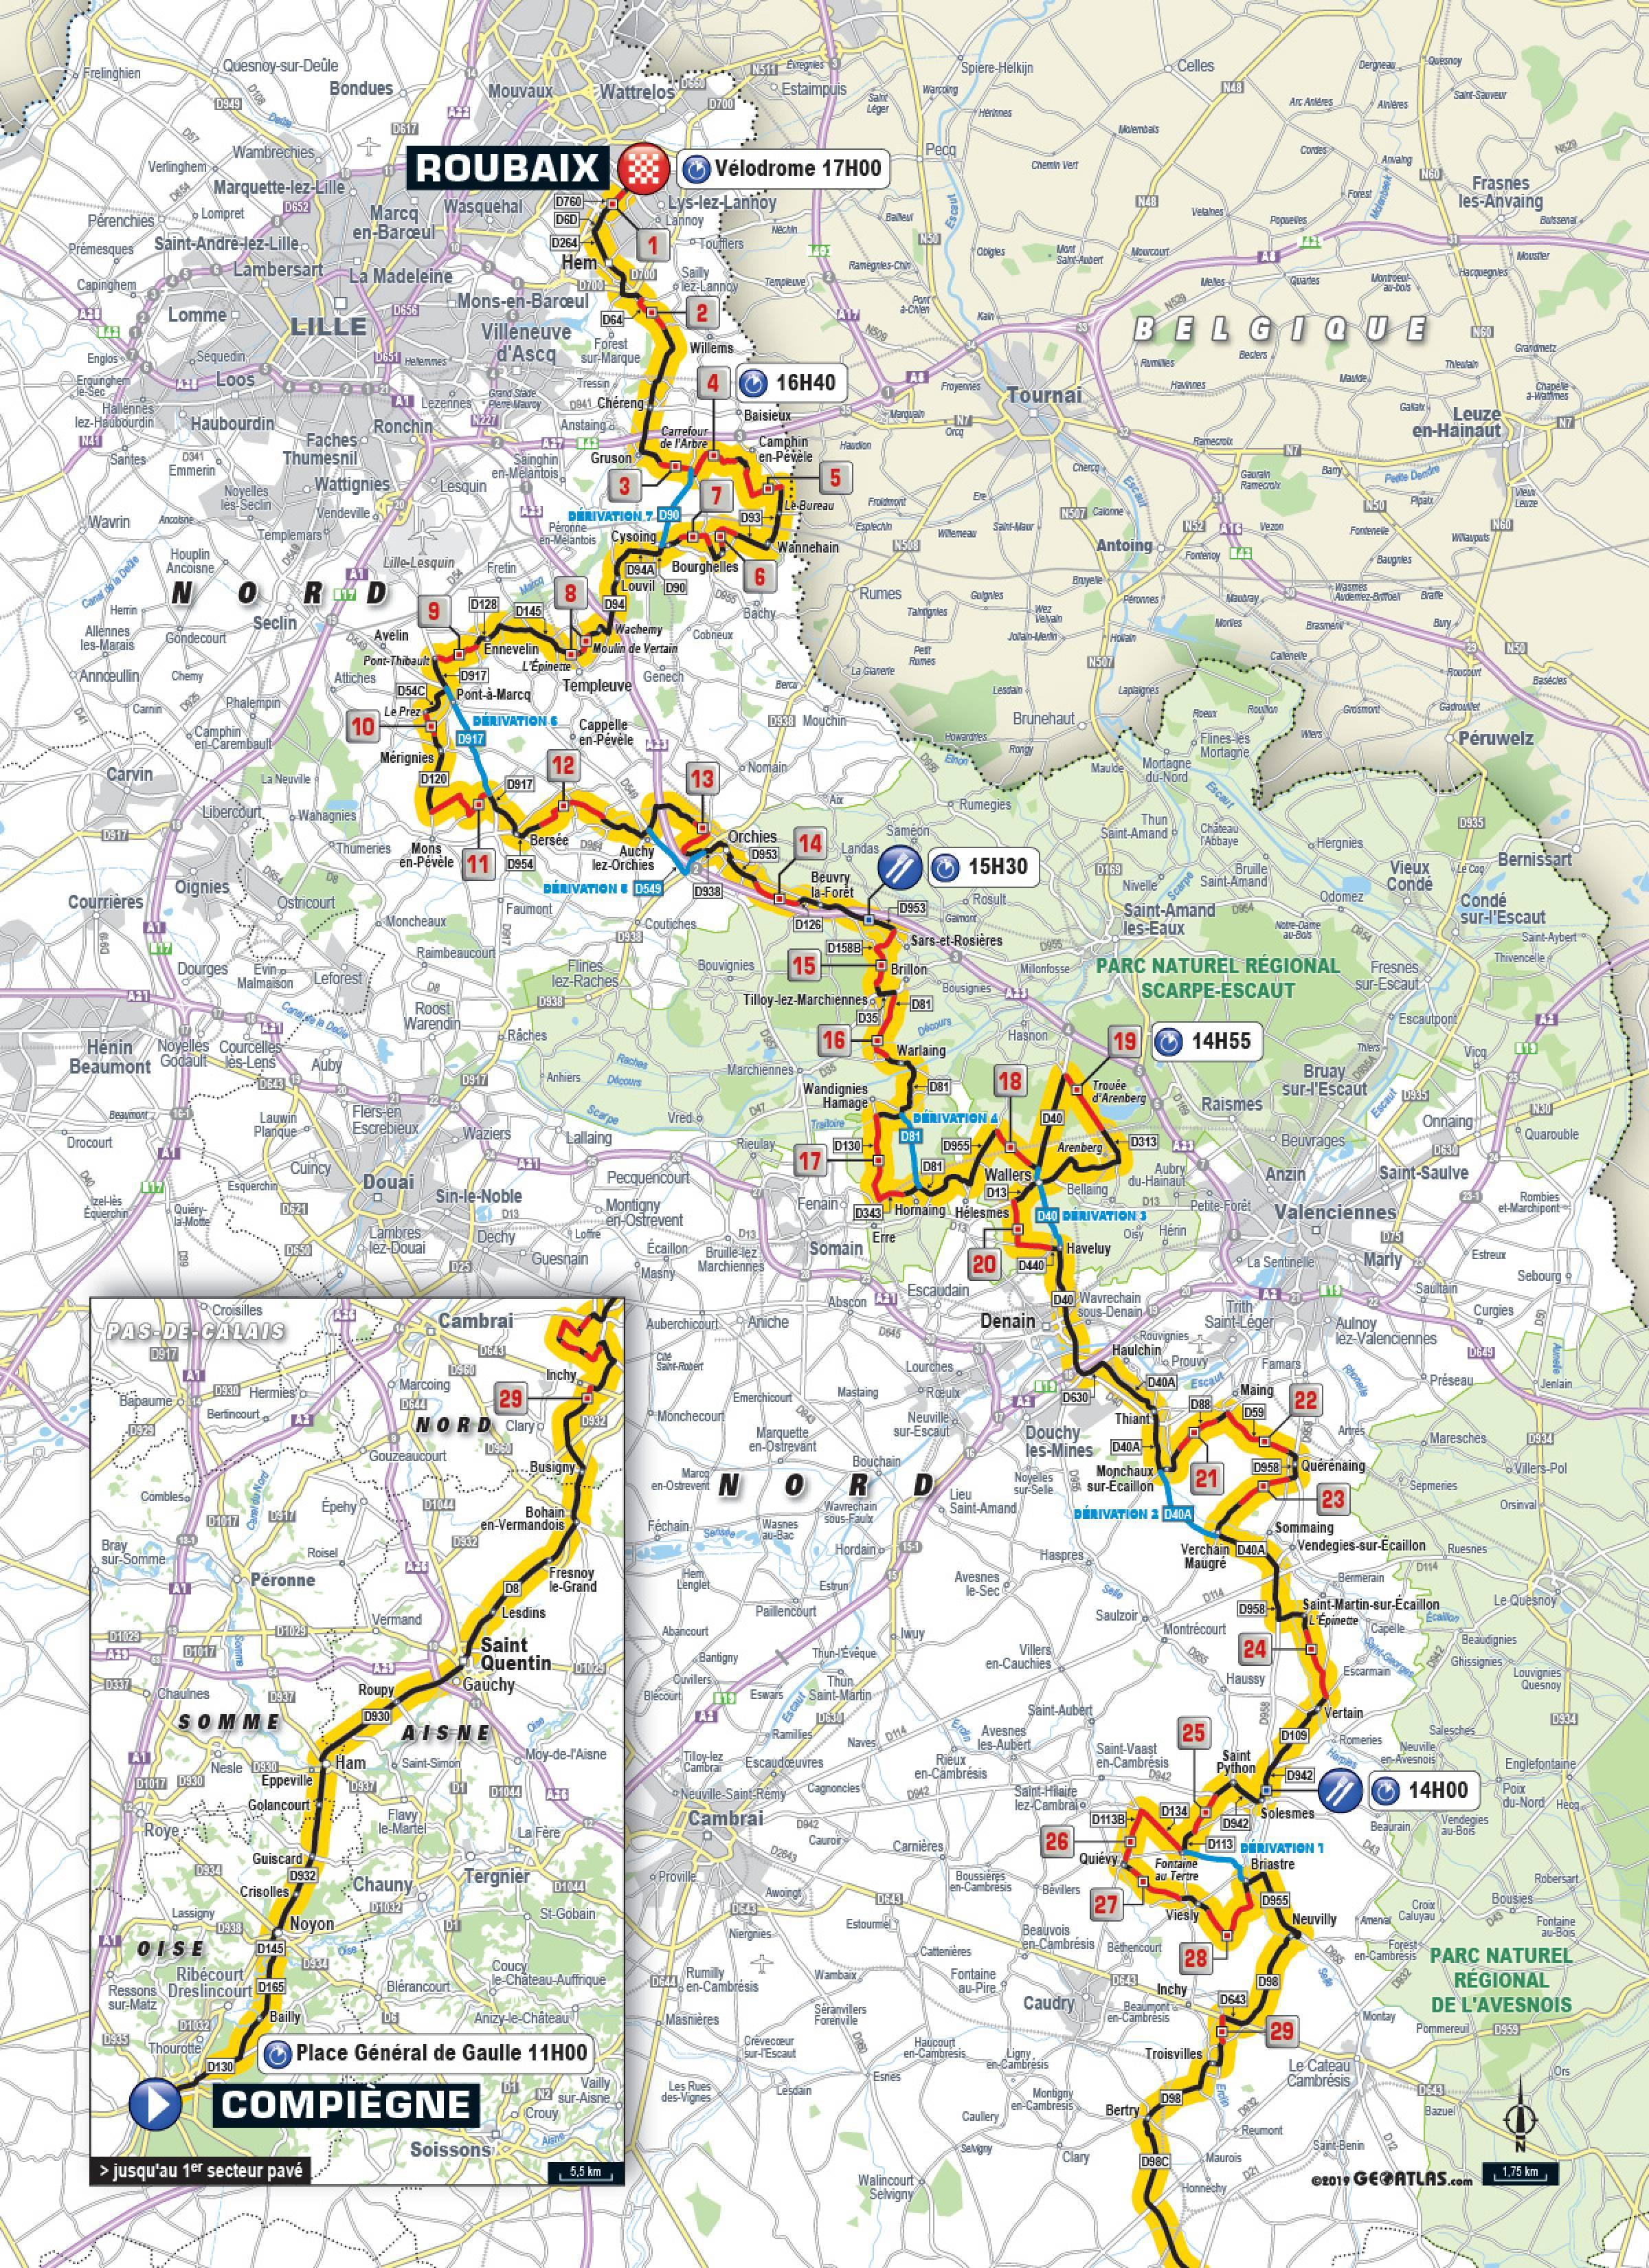 2019 Paris-Roubaix Live Video, Route, Startlist, Preview